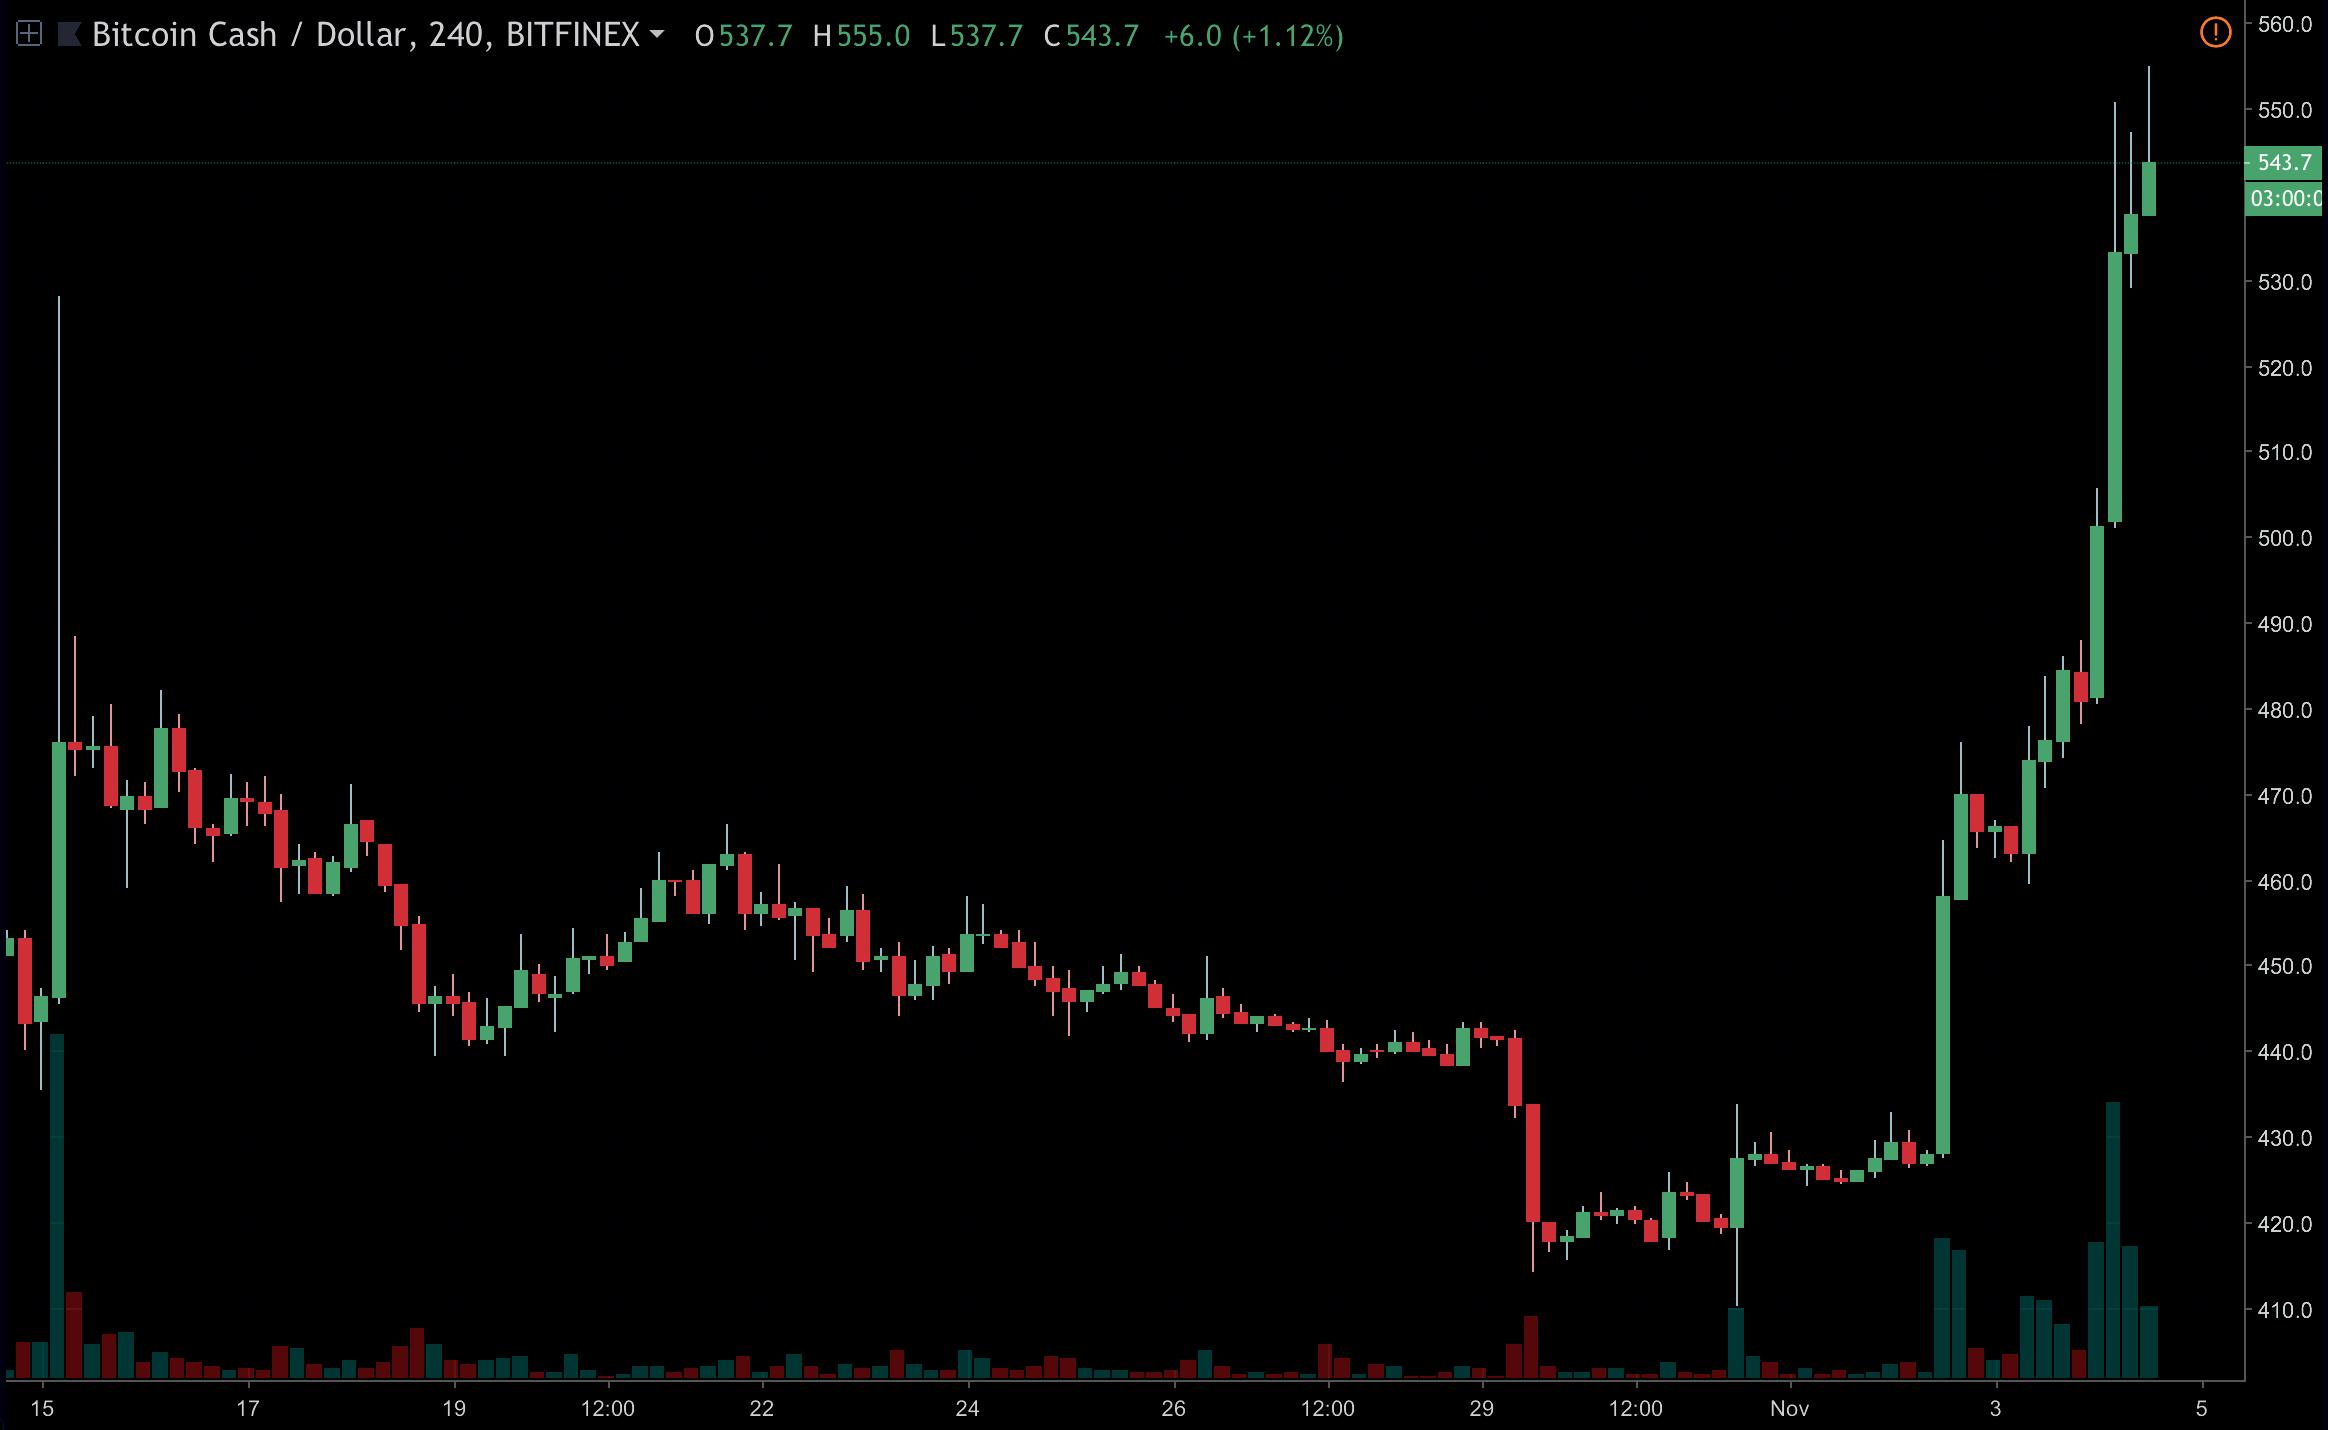 Will the Bitcoin Cash Hardfork Spark a Bull Run?